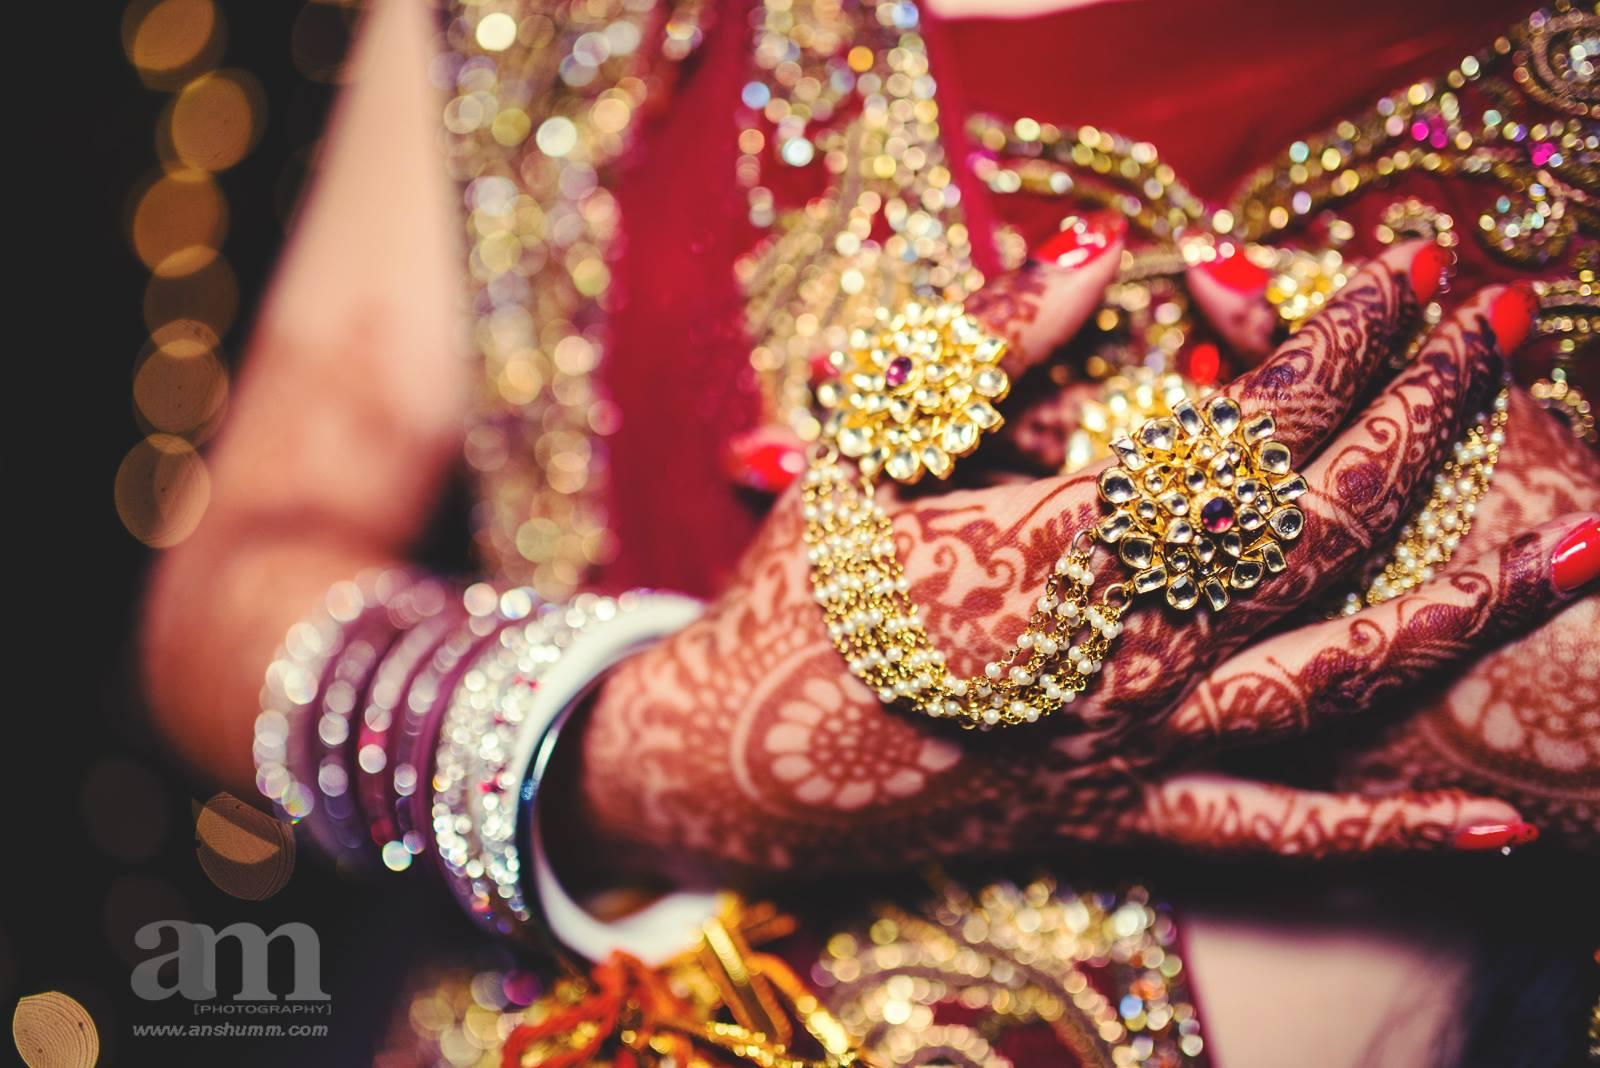 Image Courtesy: Anshum M Photography